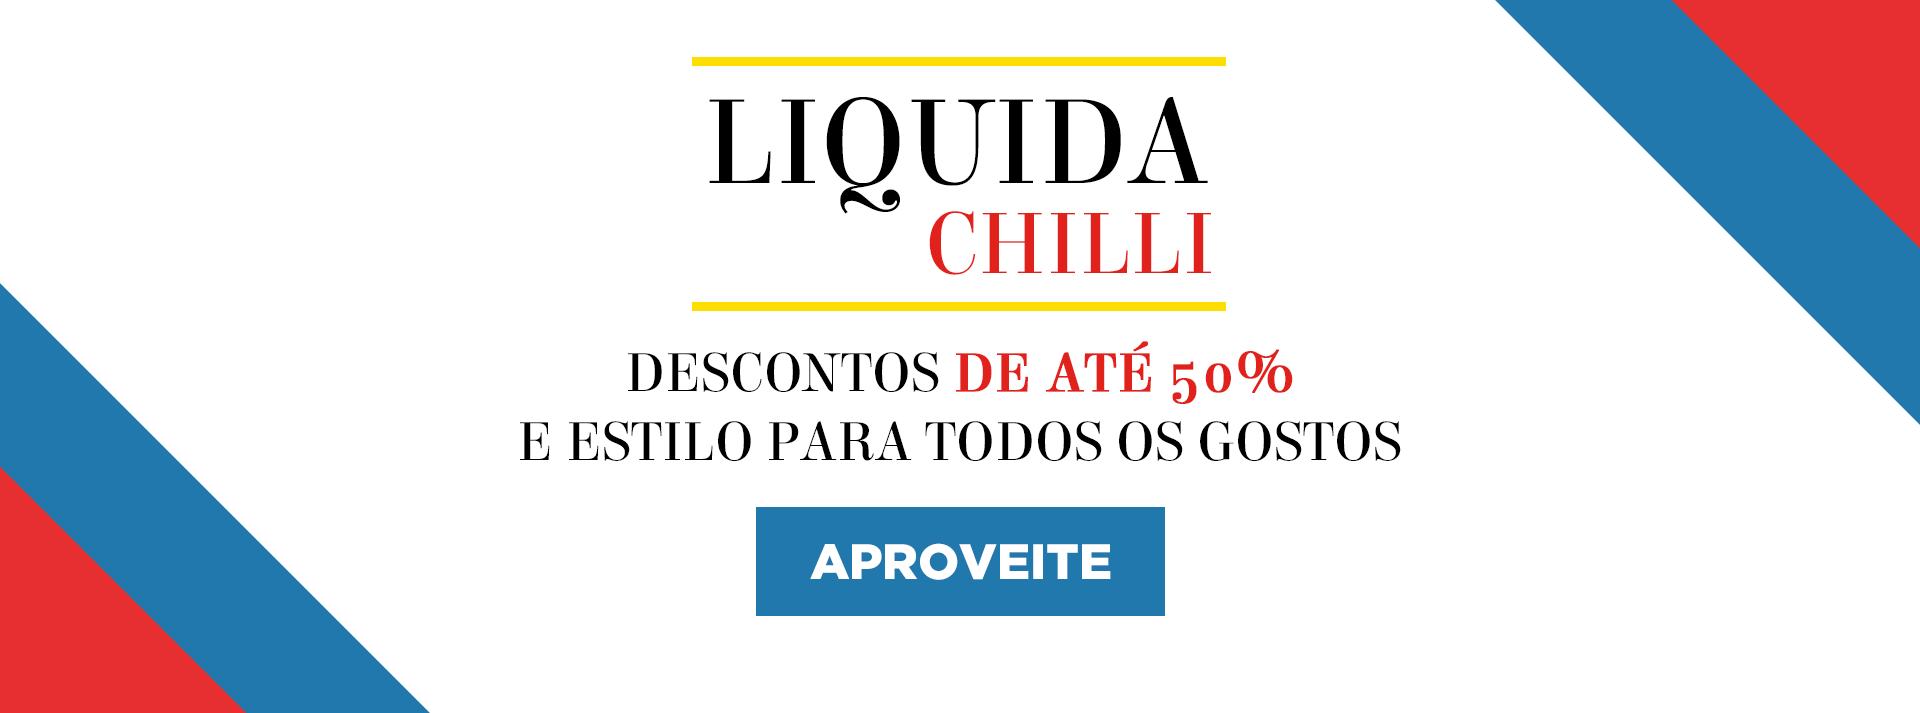 Liquida Chilli - Descontos de até 50%